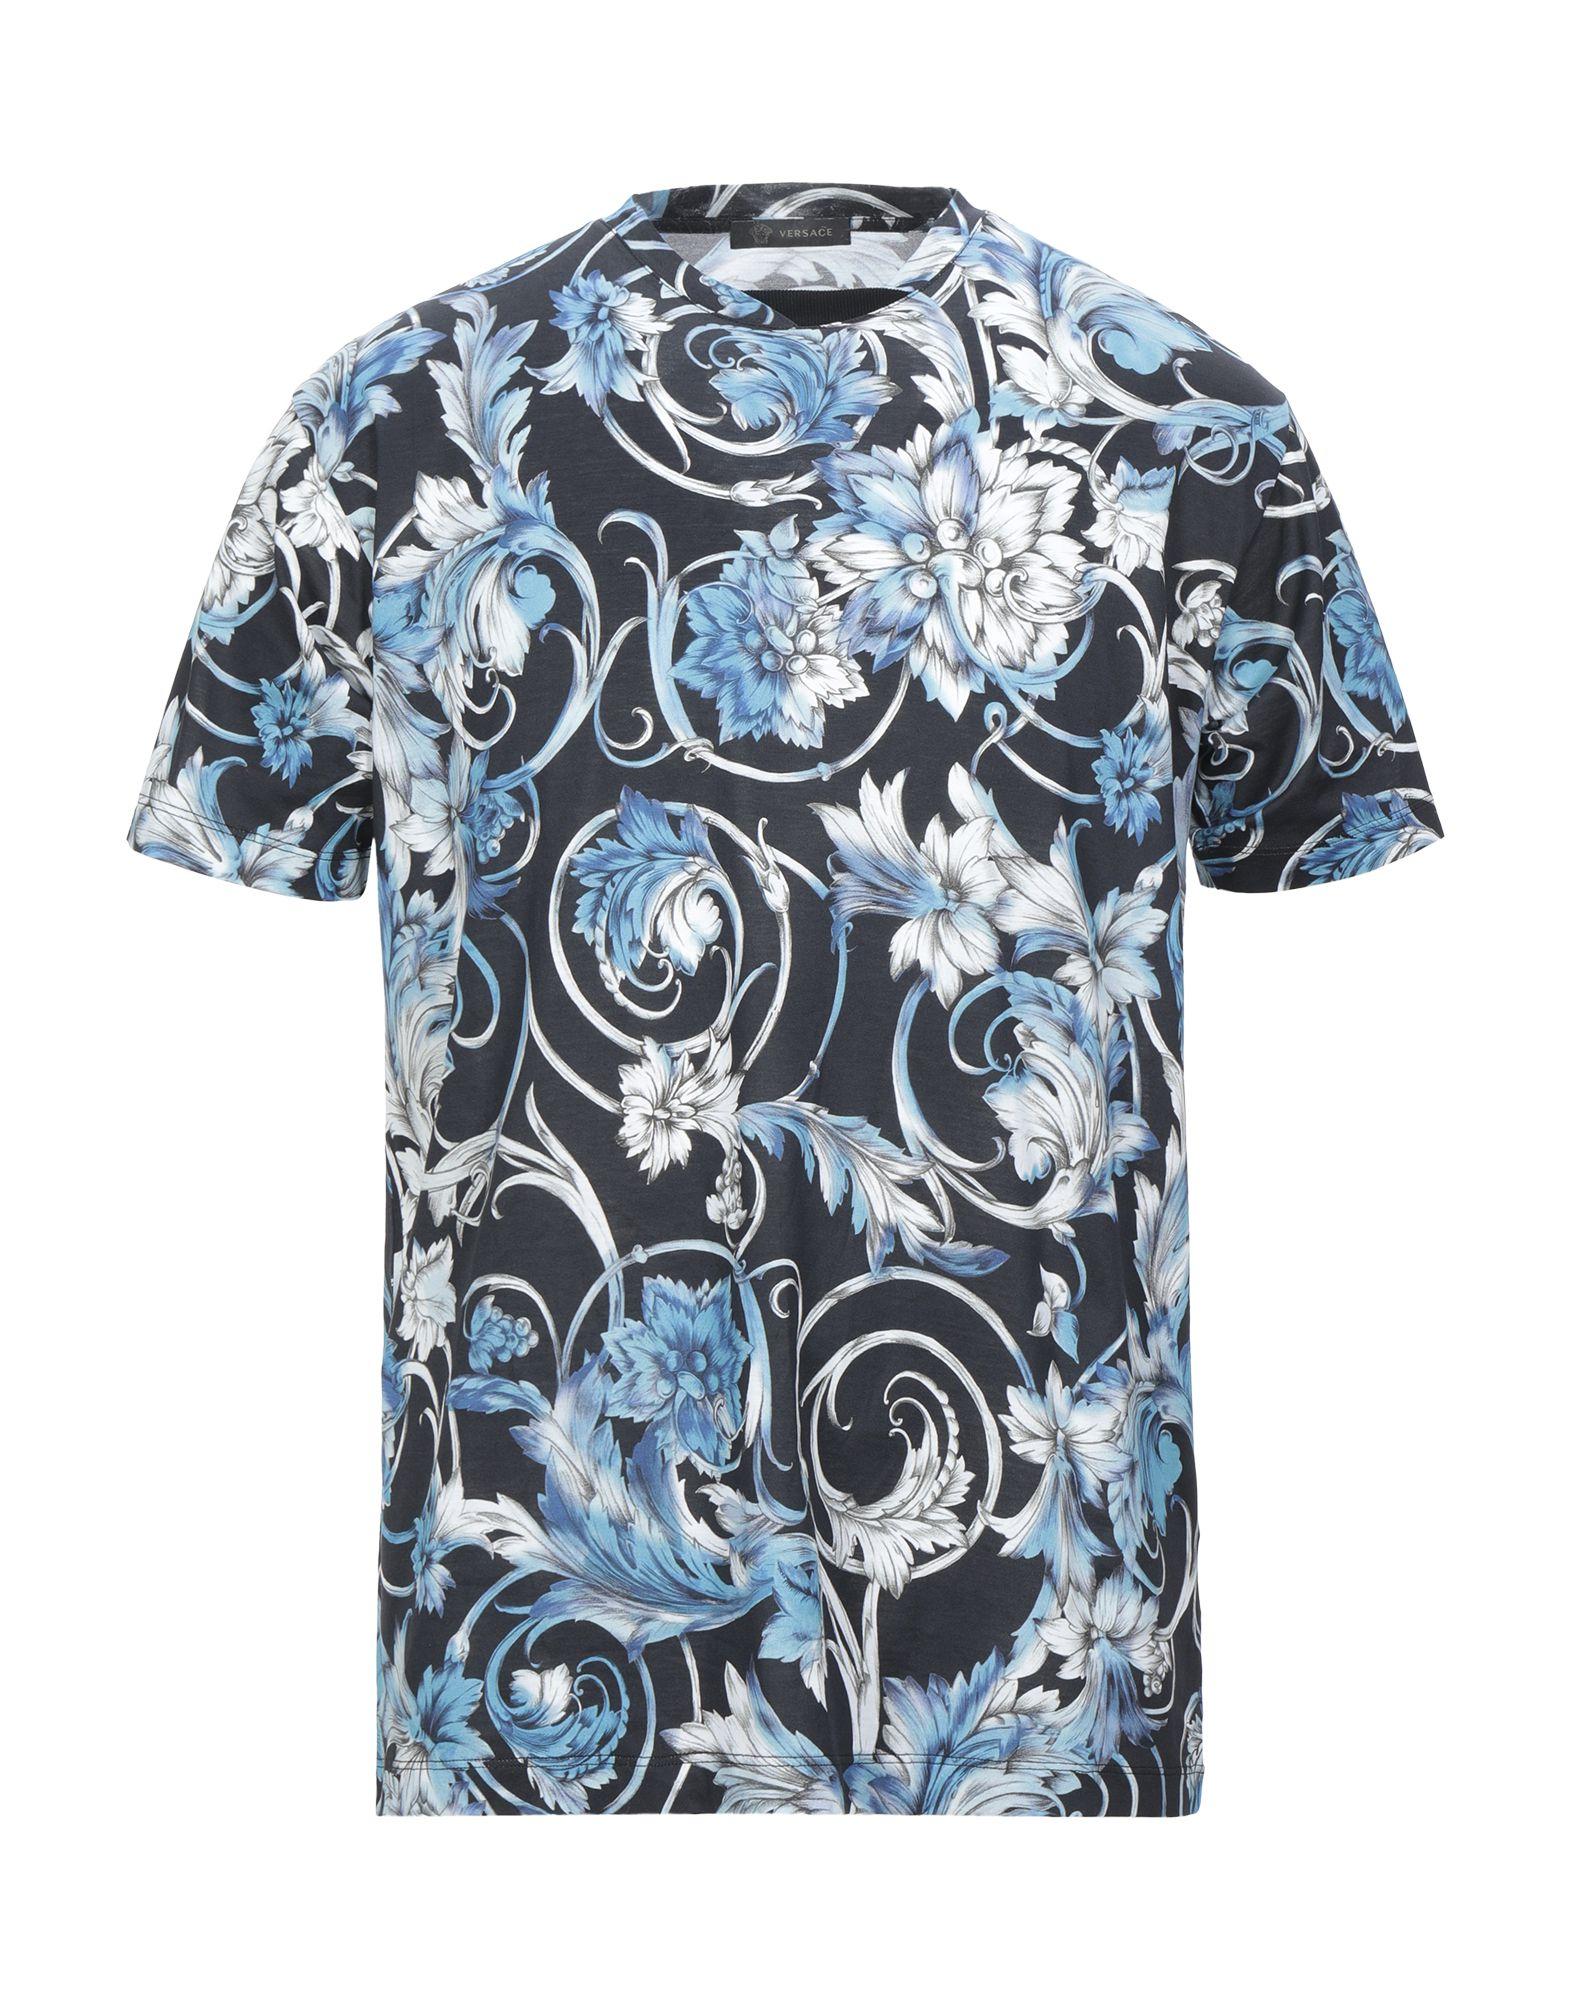 Shirt design app for iphone - Versace T Shirt